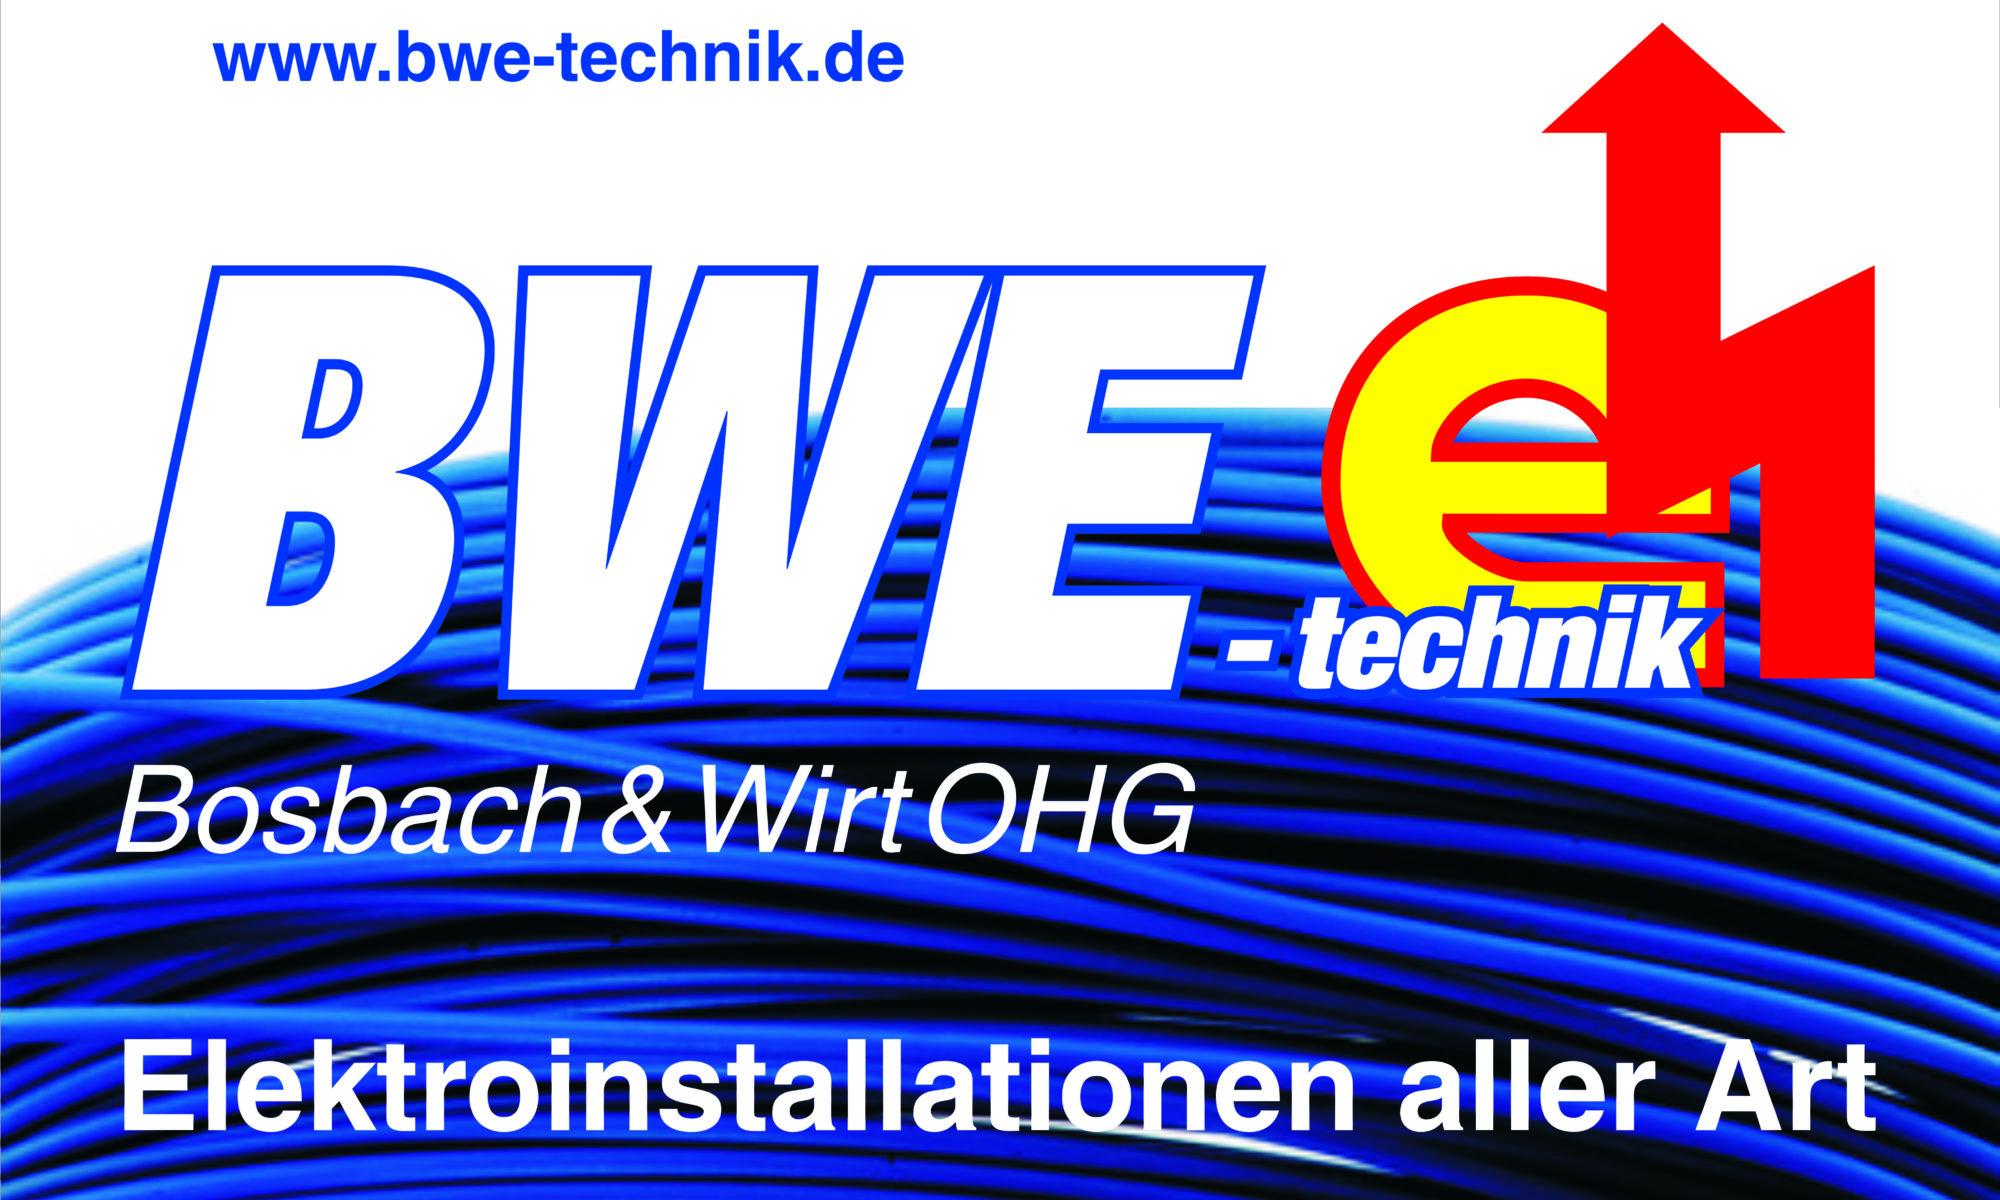 bwe-technik.de